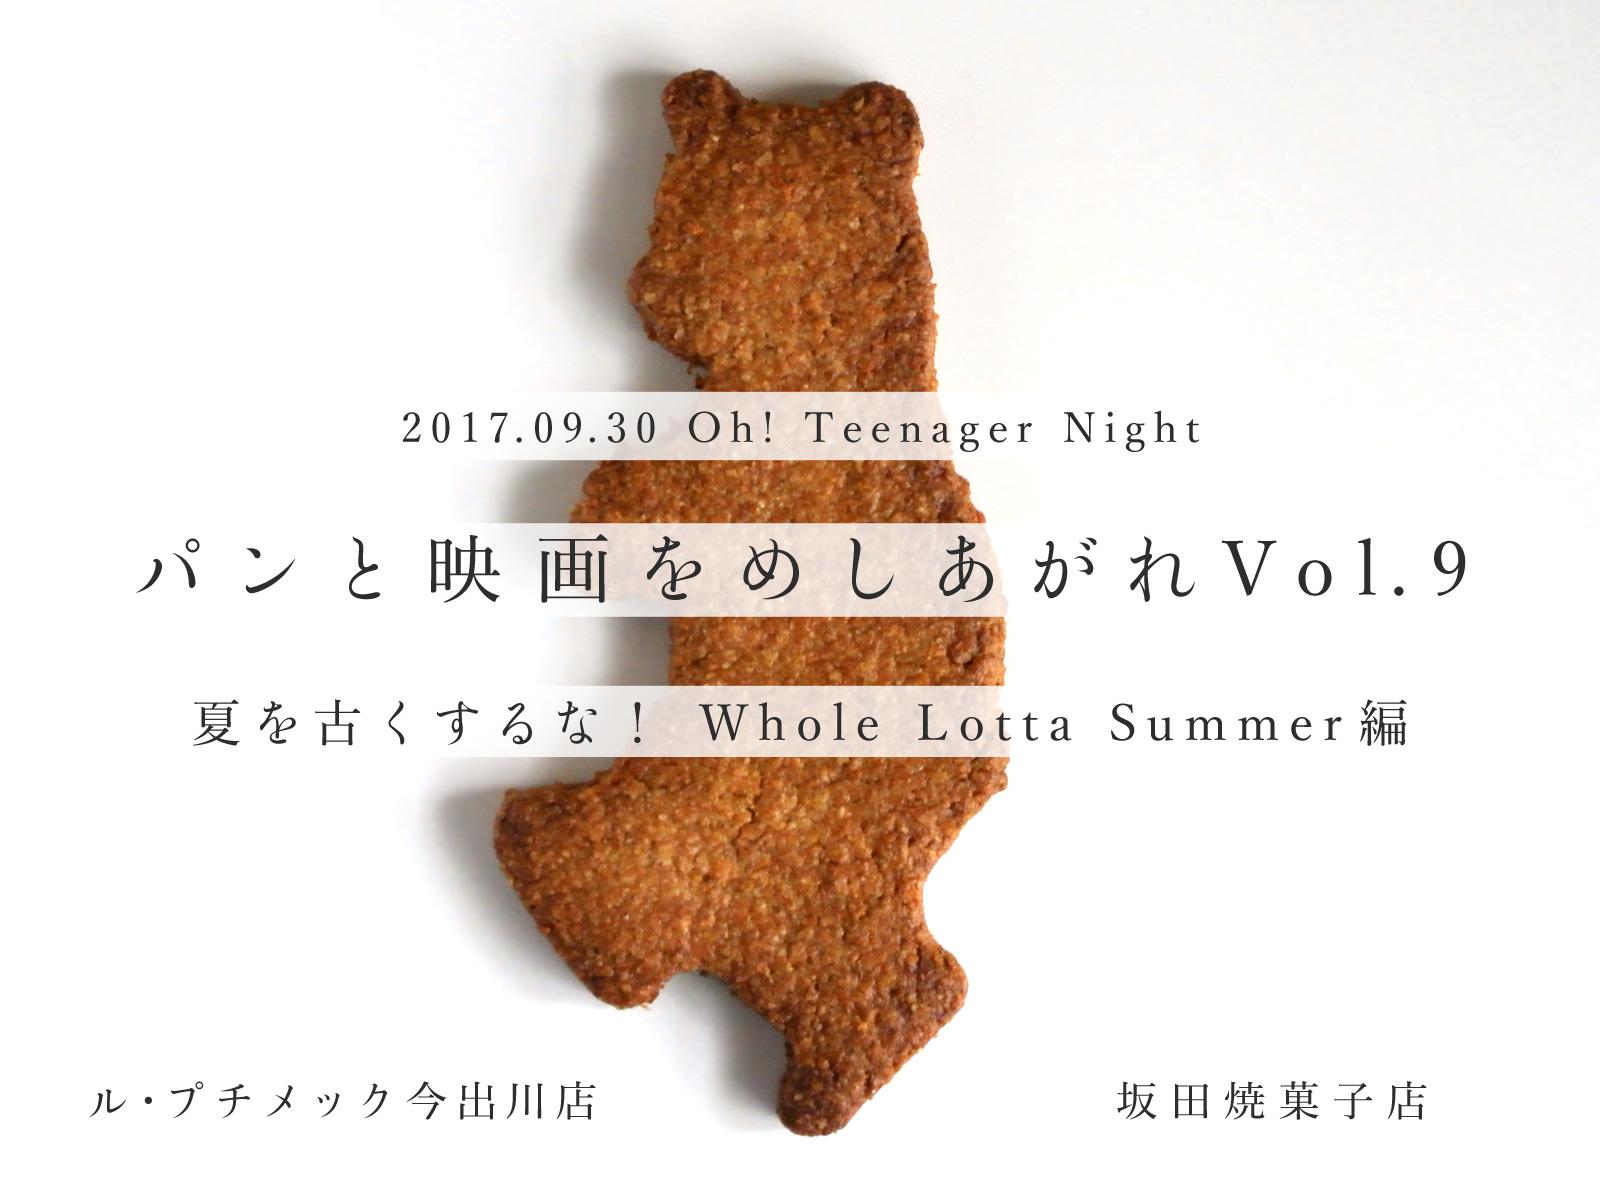 京都みなみ会館 Oh! Teenager Nightで「パンと映画をめしあがれVol.9 夏を古くするな!Whole Lotta Summer編」開催決定!